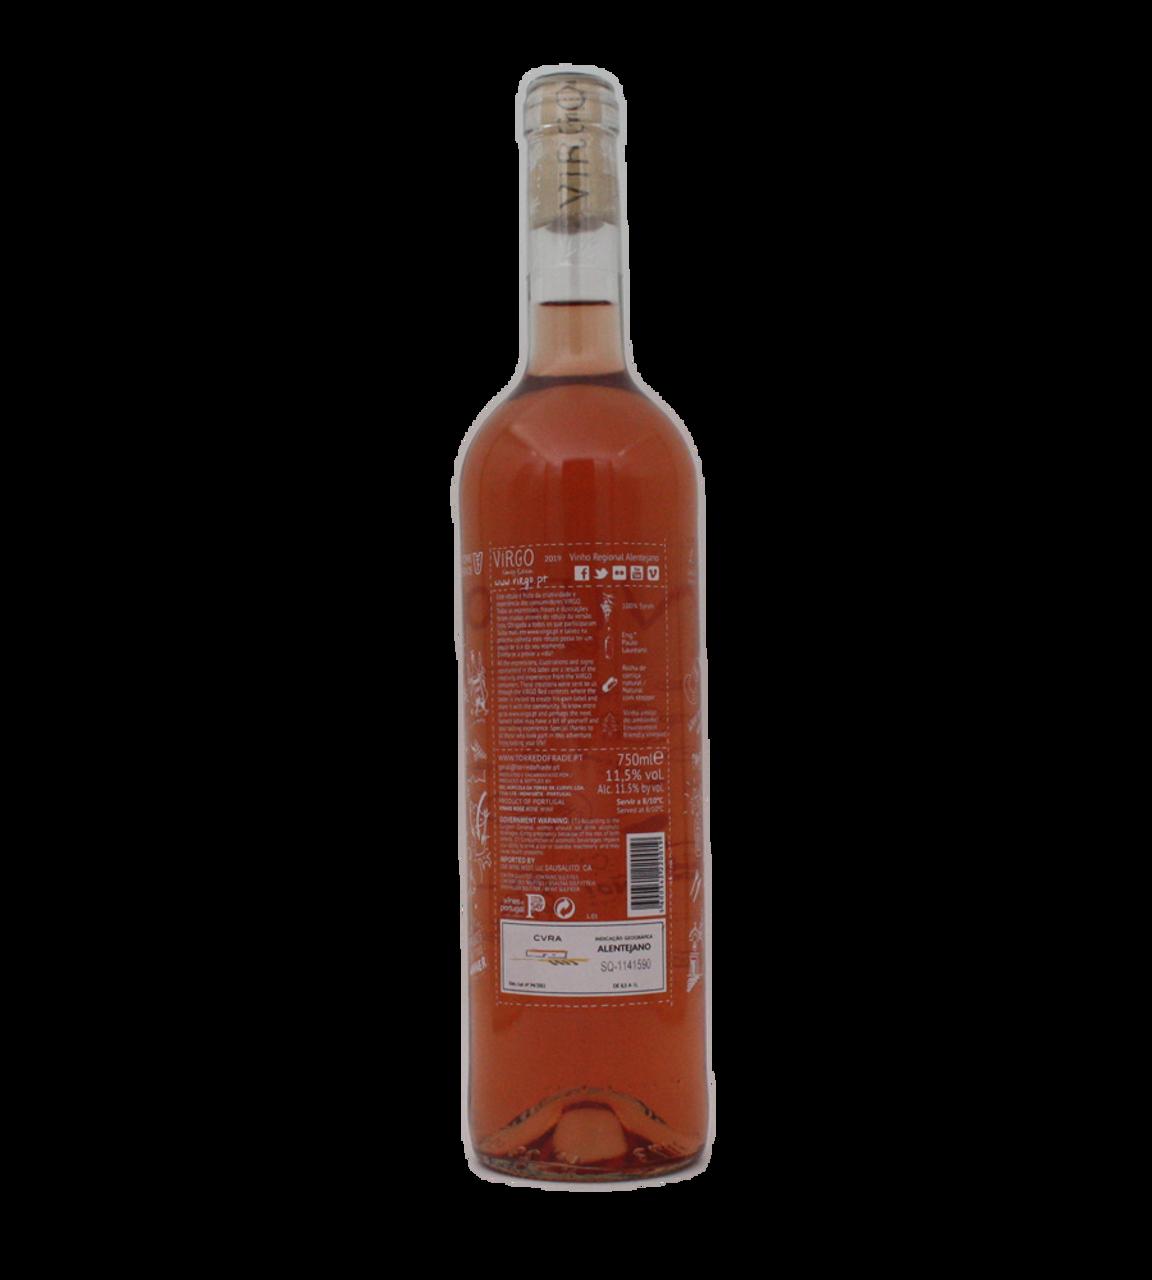 Imagem de Virgo Family Edition Rosé 2019